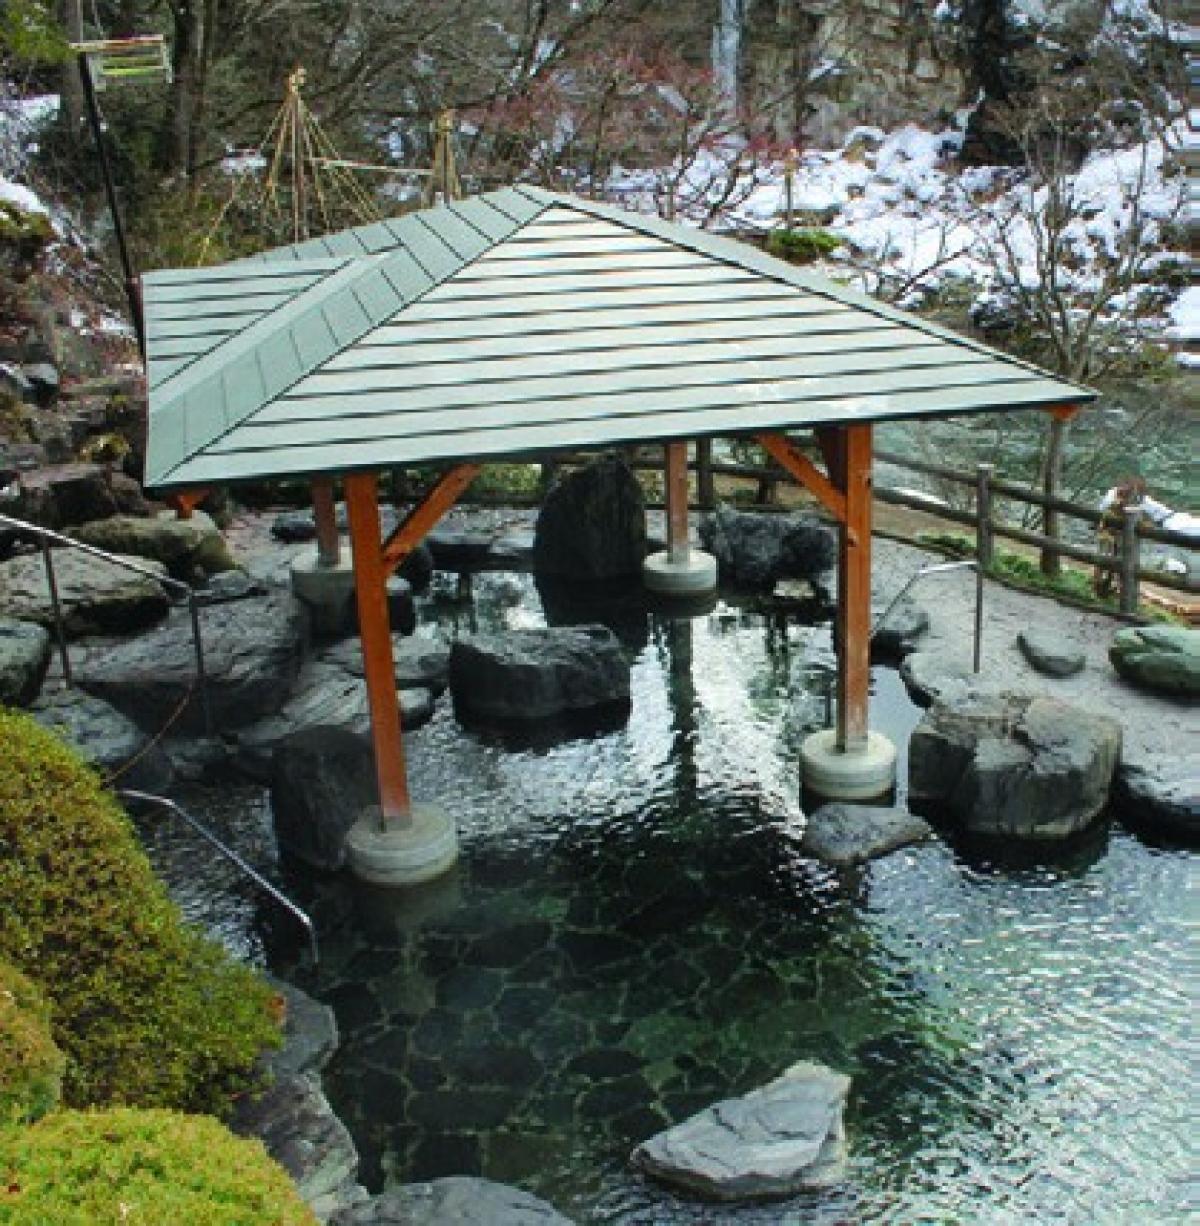 Ở Fukushima có rất nhiều suối nước nóng có lịch sử hoạt động lâu đời; như suối nước khoáng nóng Lizaka với 1.000 nămtuổi, suối nước khoáng nóng Higashiyama với 1.300 năm tuổi. Ngâm mình trong nước khoáng nóng rất có lợi cho sức khỏe, vì thế đây là trải nghiệm du khách không nên bỏ qua khi tới Fukushima.